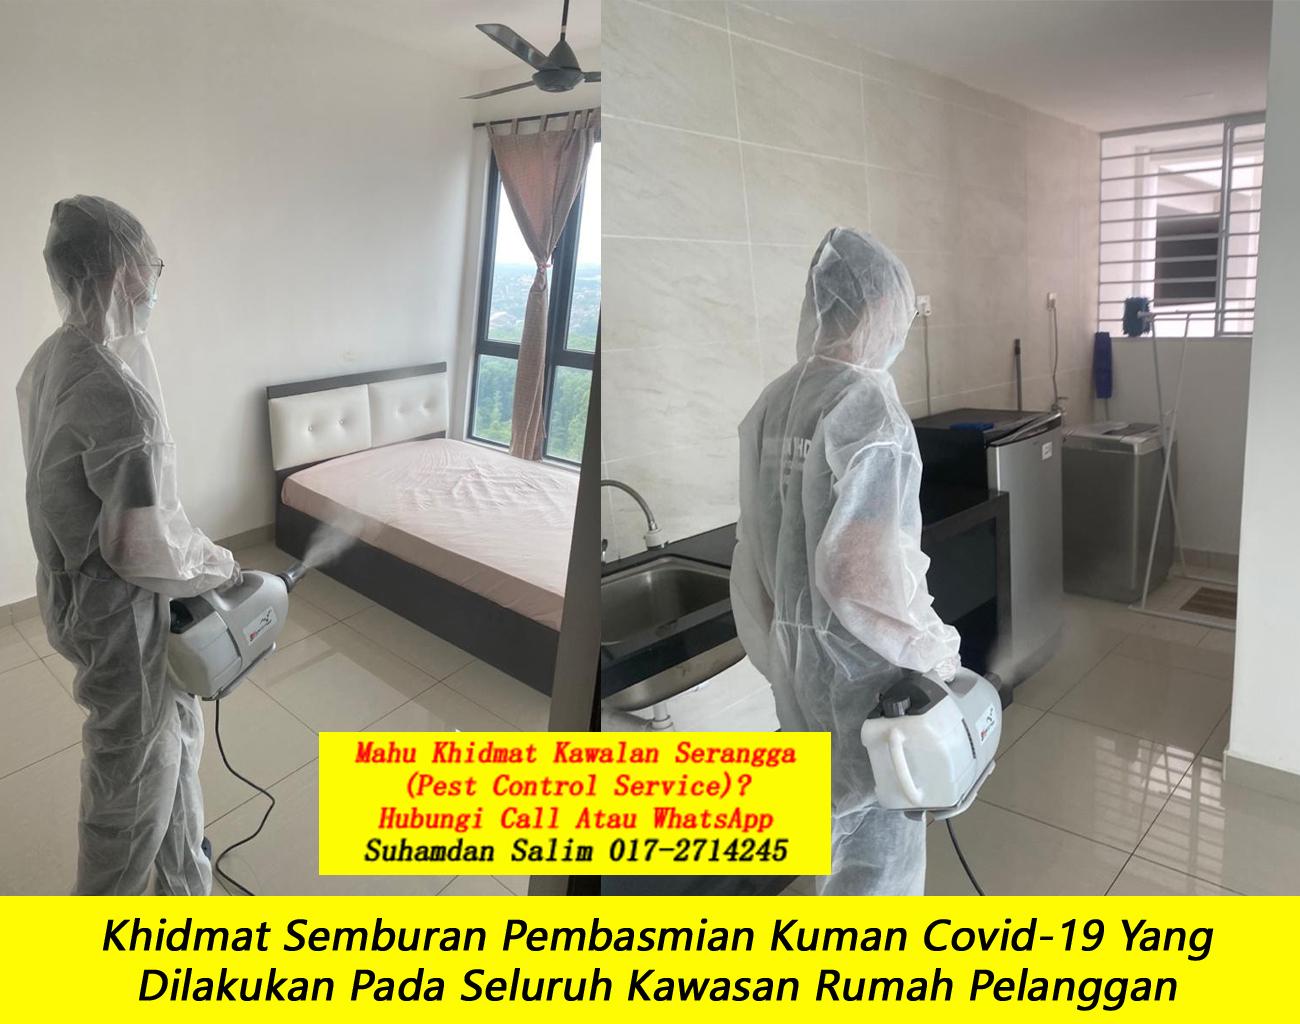 khidmat sanitizing membasmi kuman Covid-19 Disinfection Service semburan sanitize covid 19 paling berkesan dengan harga berpatutan the best service covid-19 Setapak kl